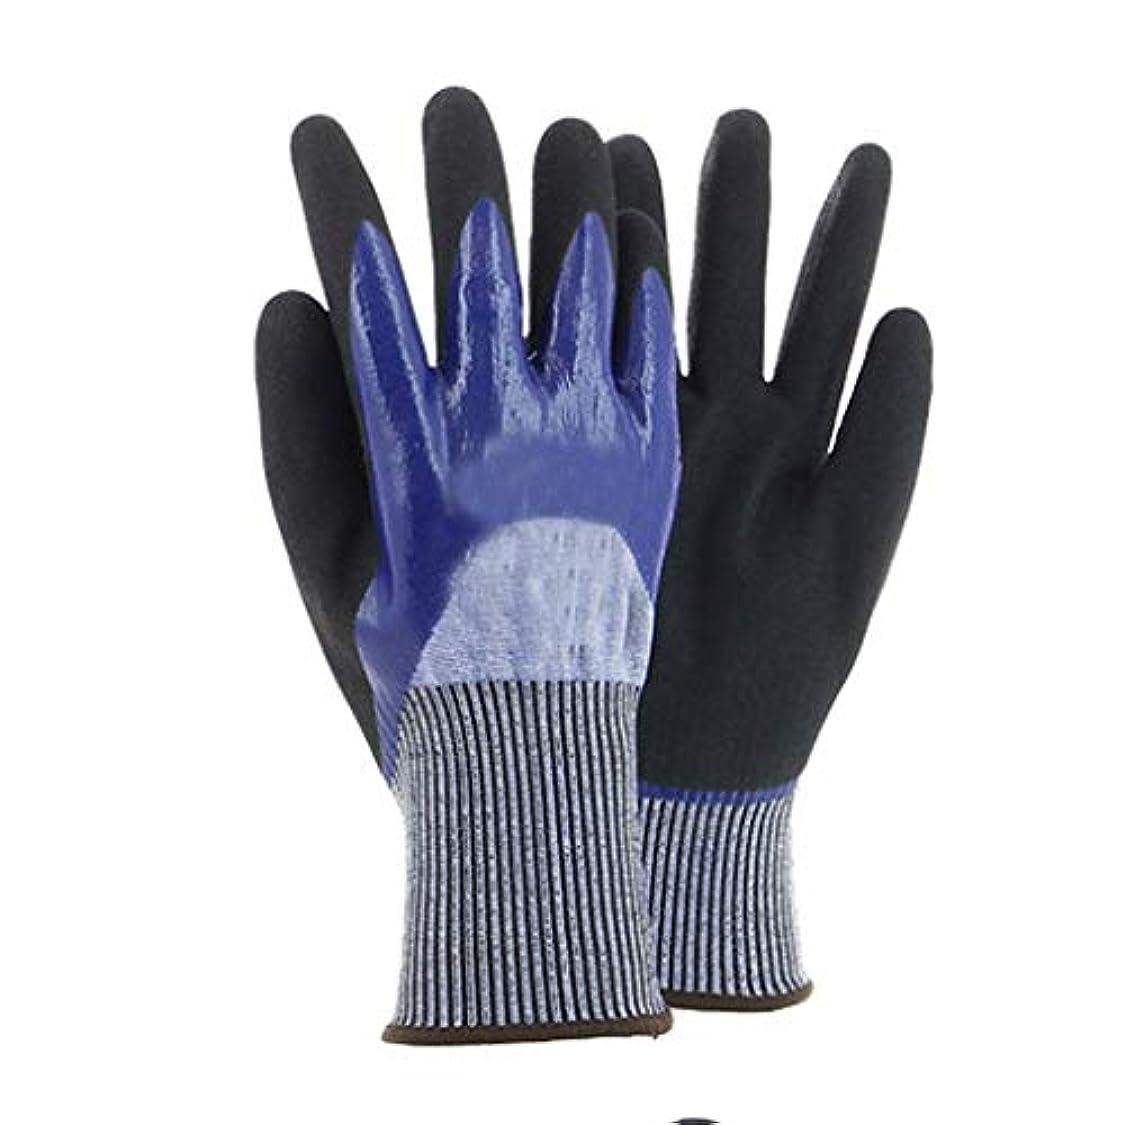 ワーディアンケース期待する人LIUXIN 労働保護手袋カット耐性オイル耐性ニトリルゴム手袋耐摩耗性ブルーマルチサイズオプション ゴム手袋 (Size : L)